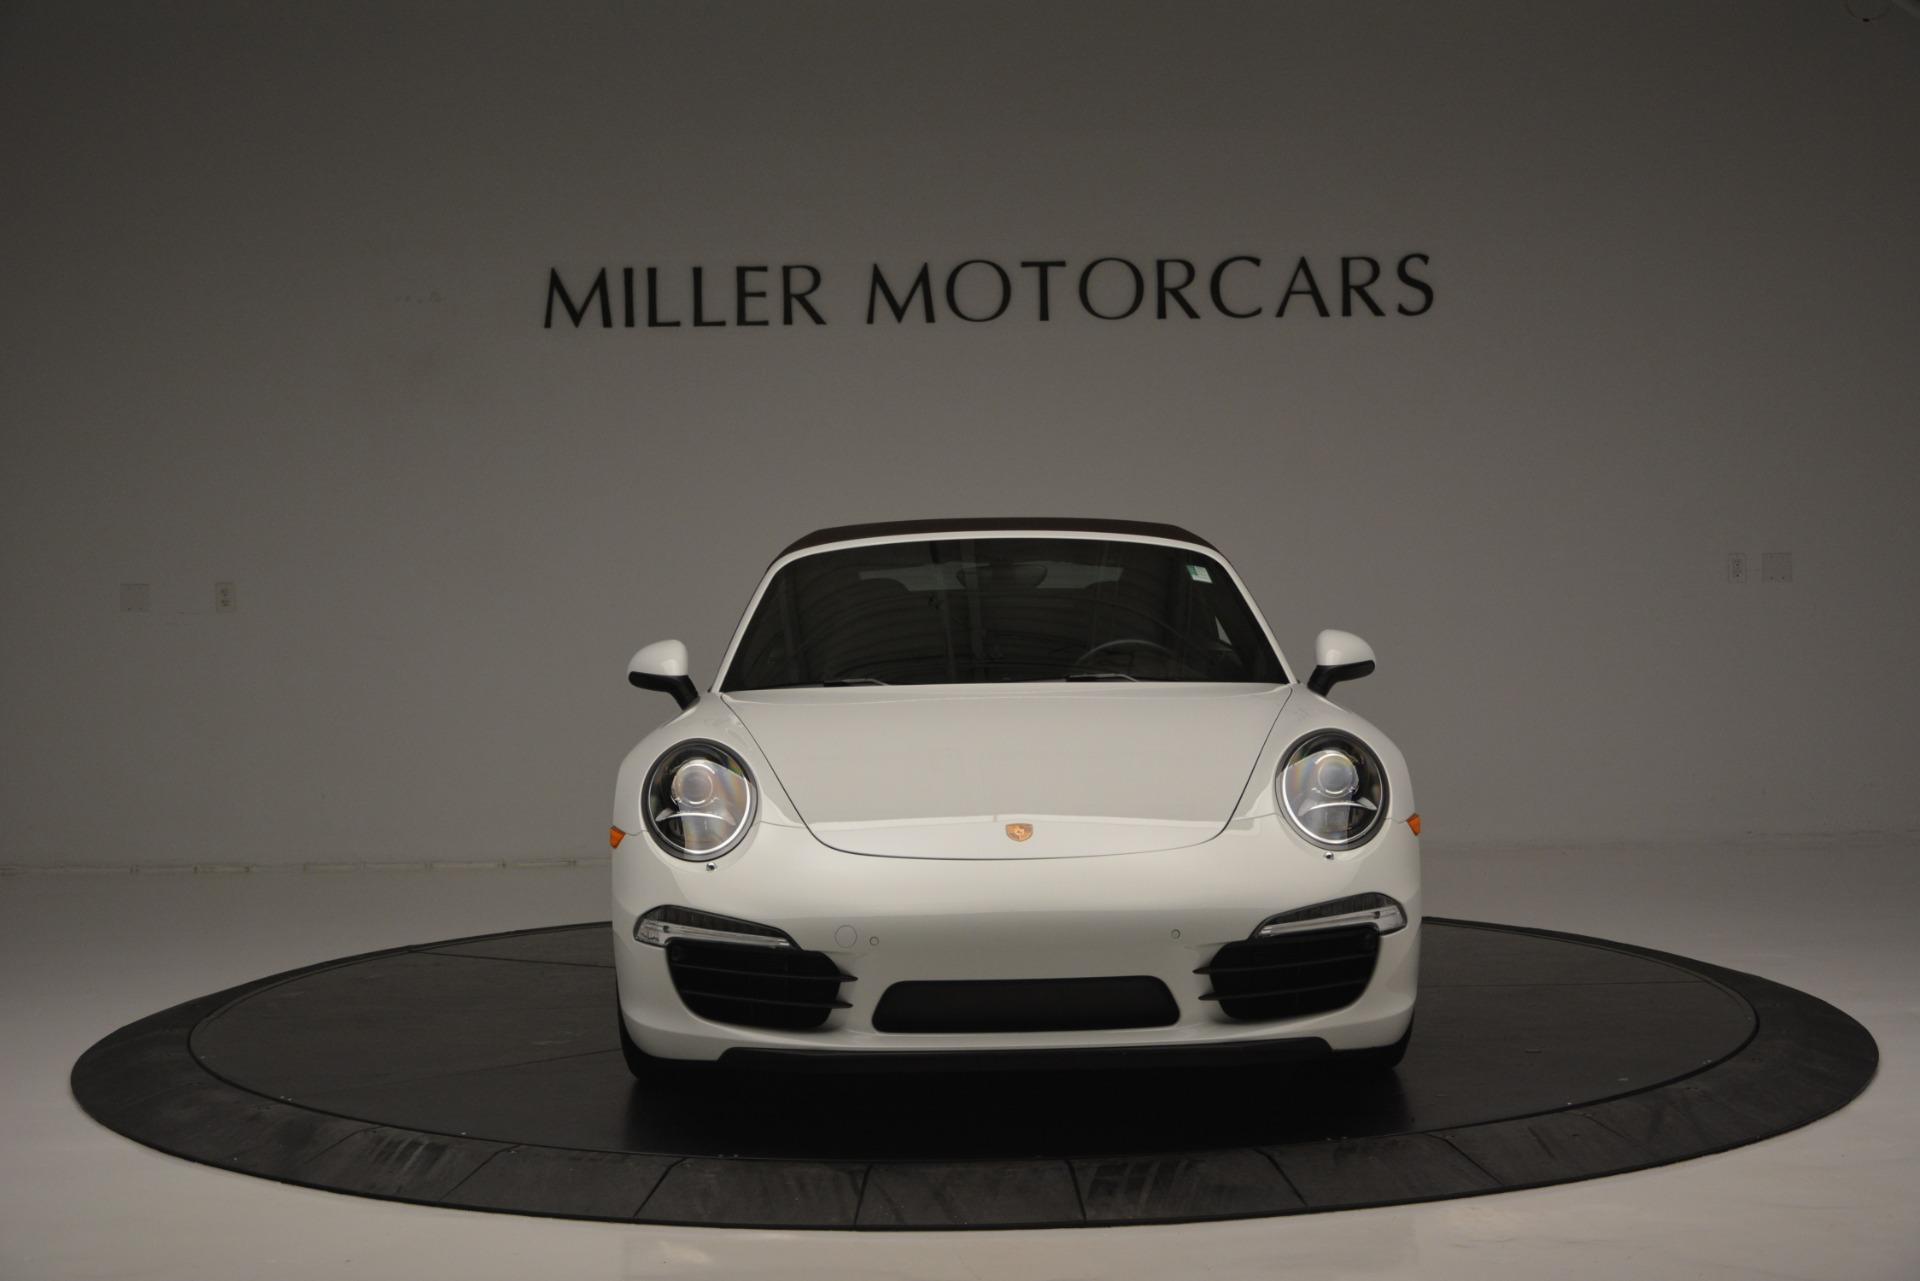 Used 2015 Porsche 911 Carrera S For Sale In Greenwich, CT 2578_p28